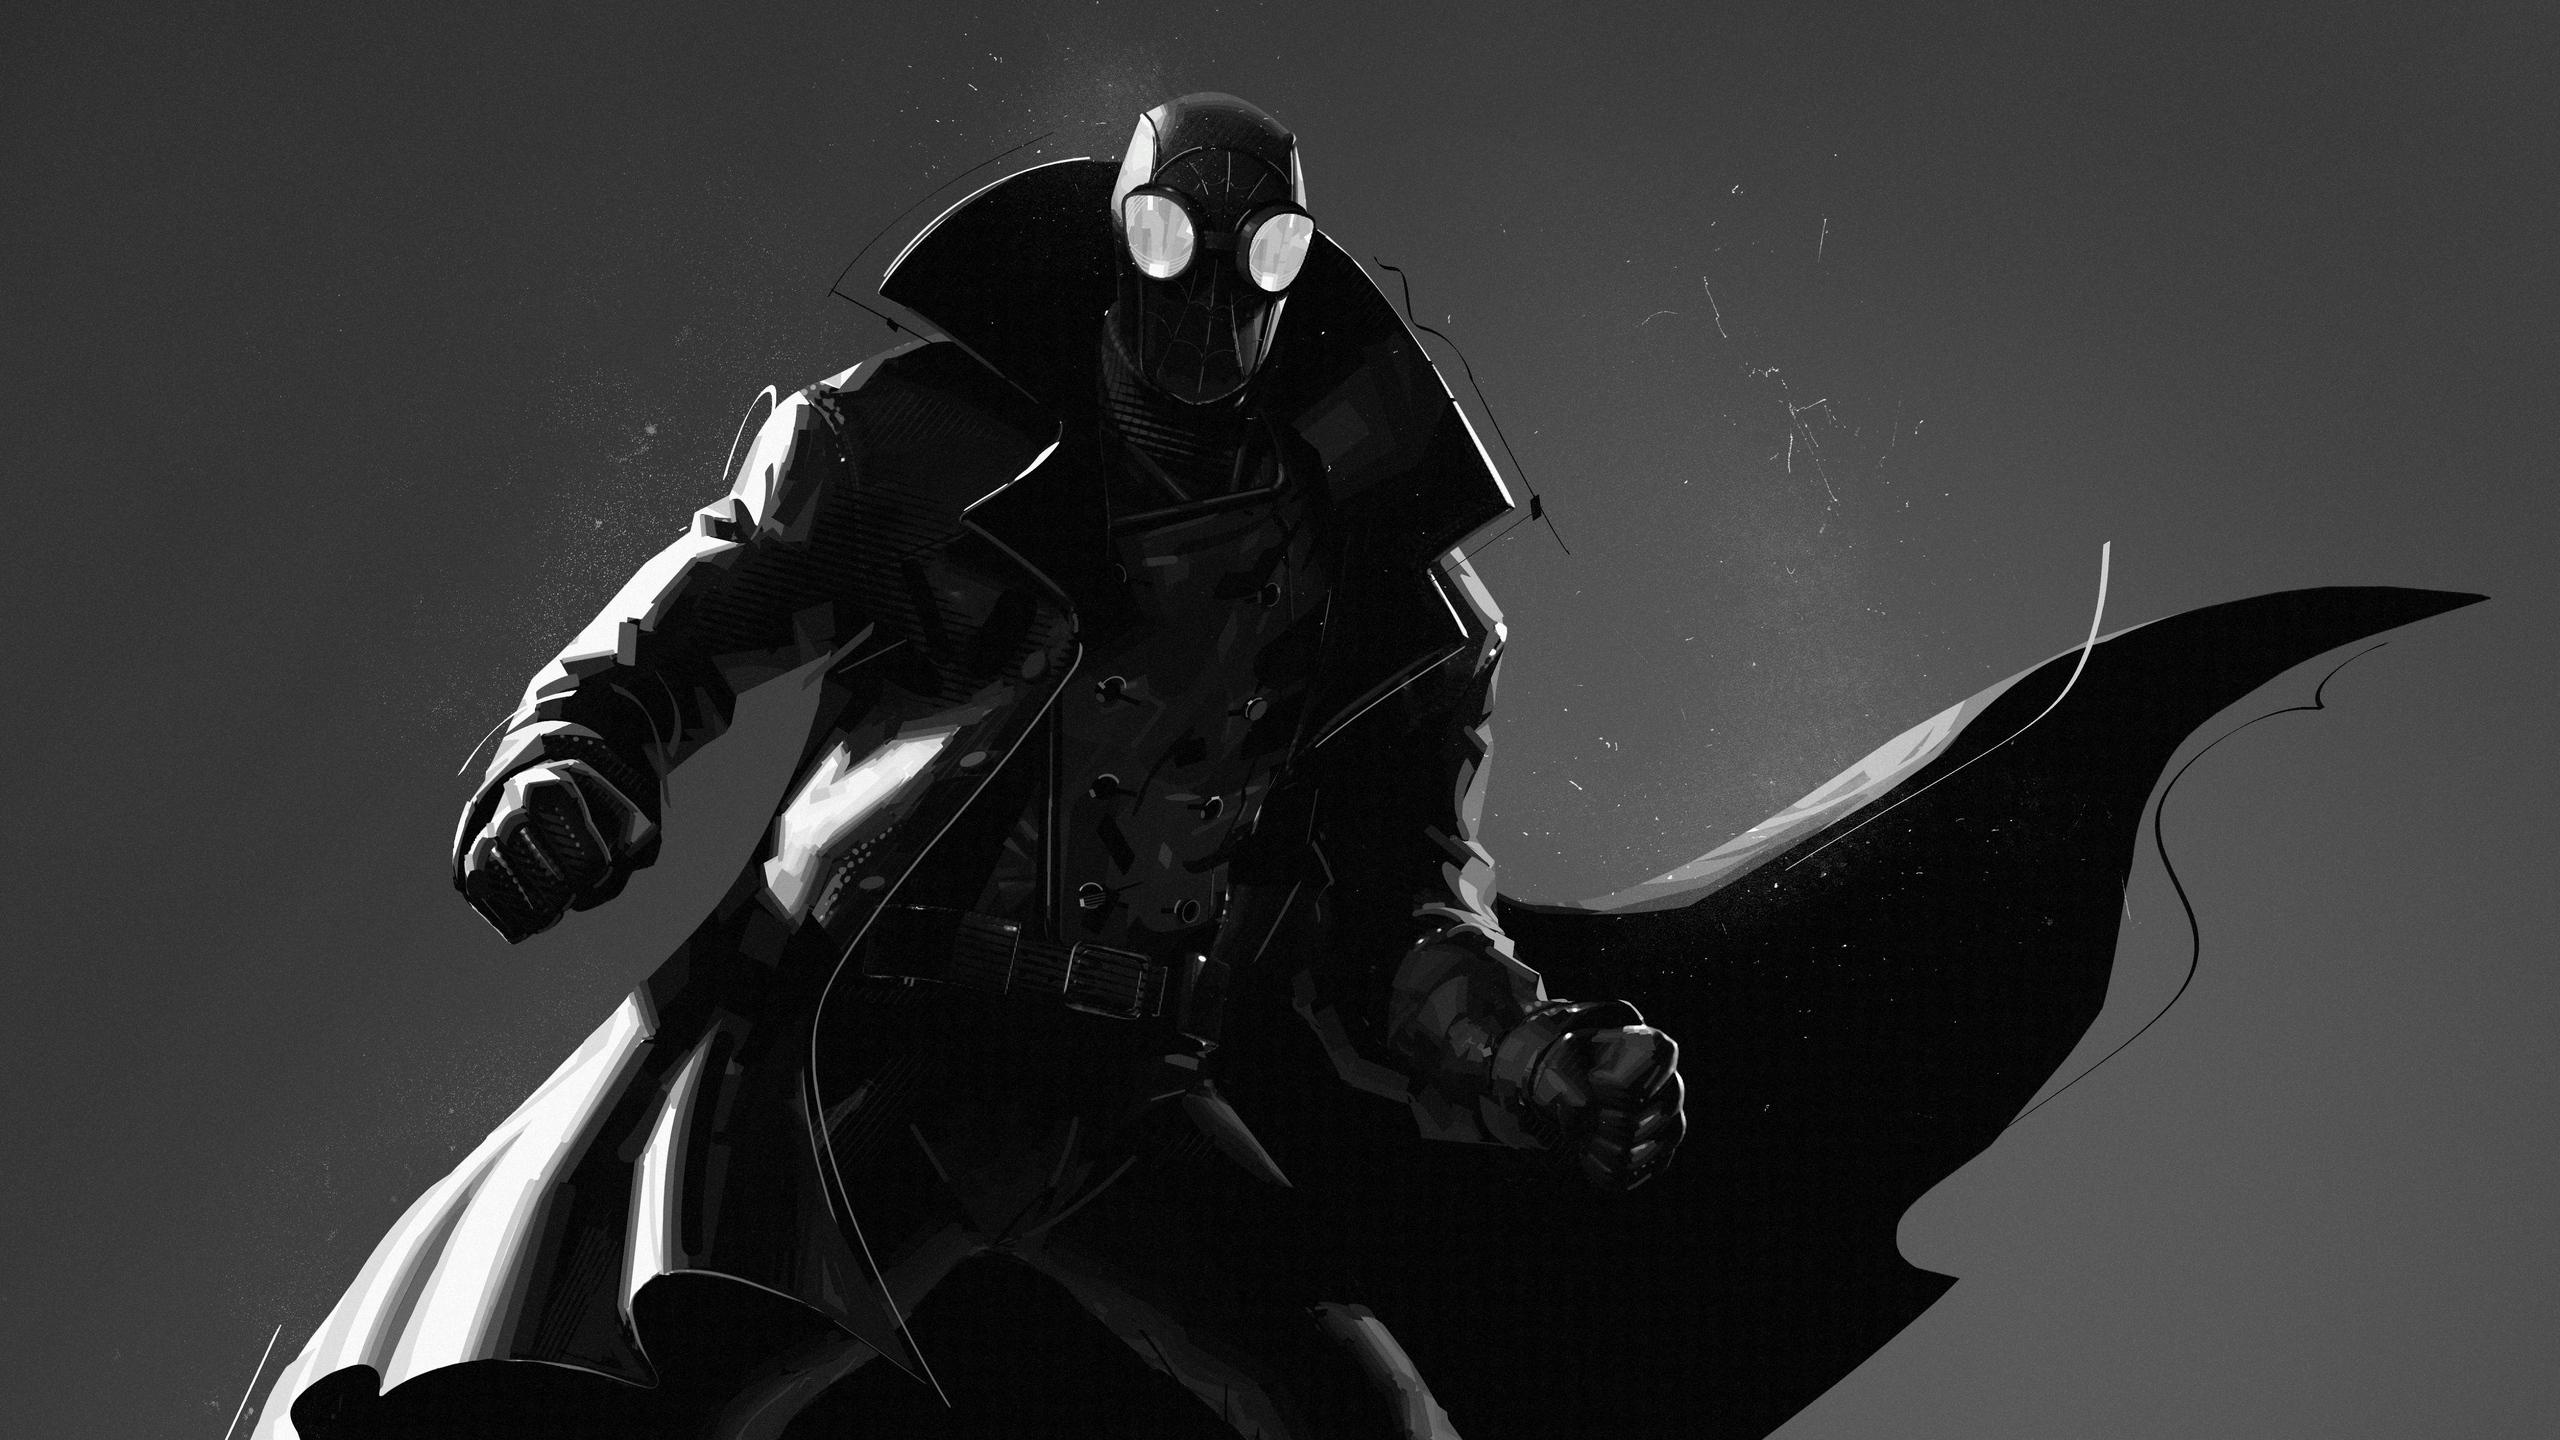 spider-man-noir-5k-ib.jpg